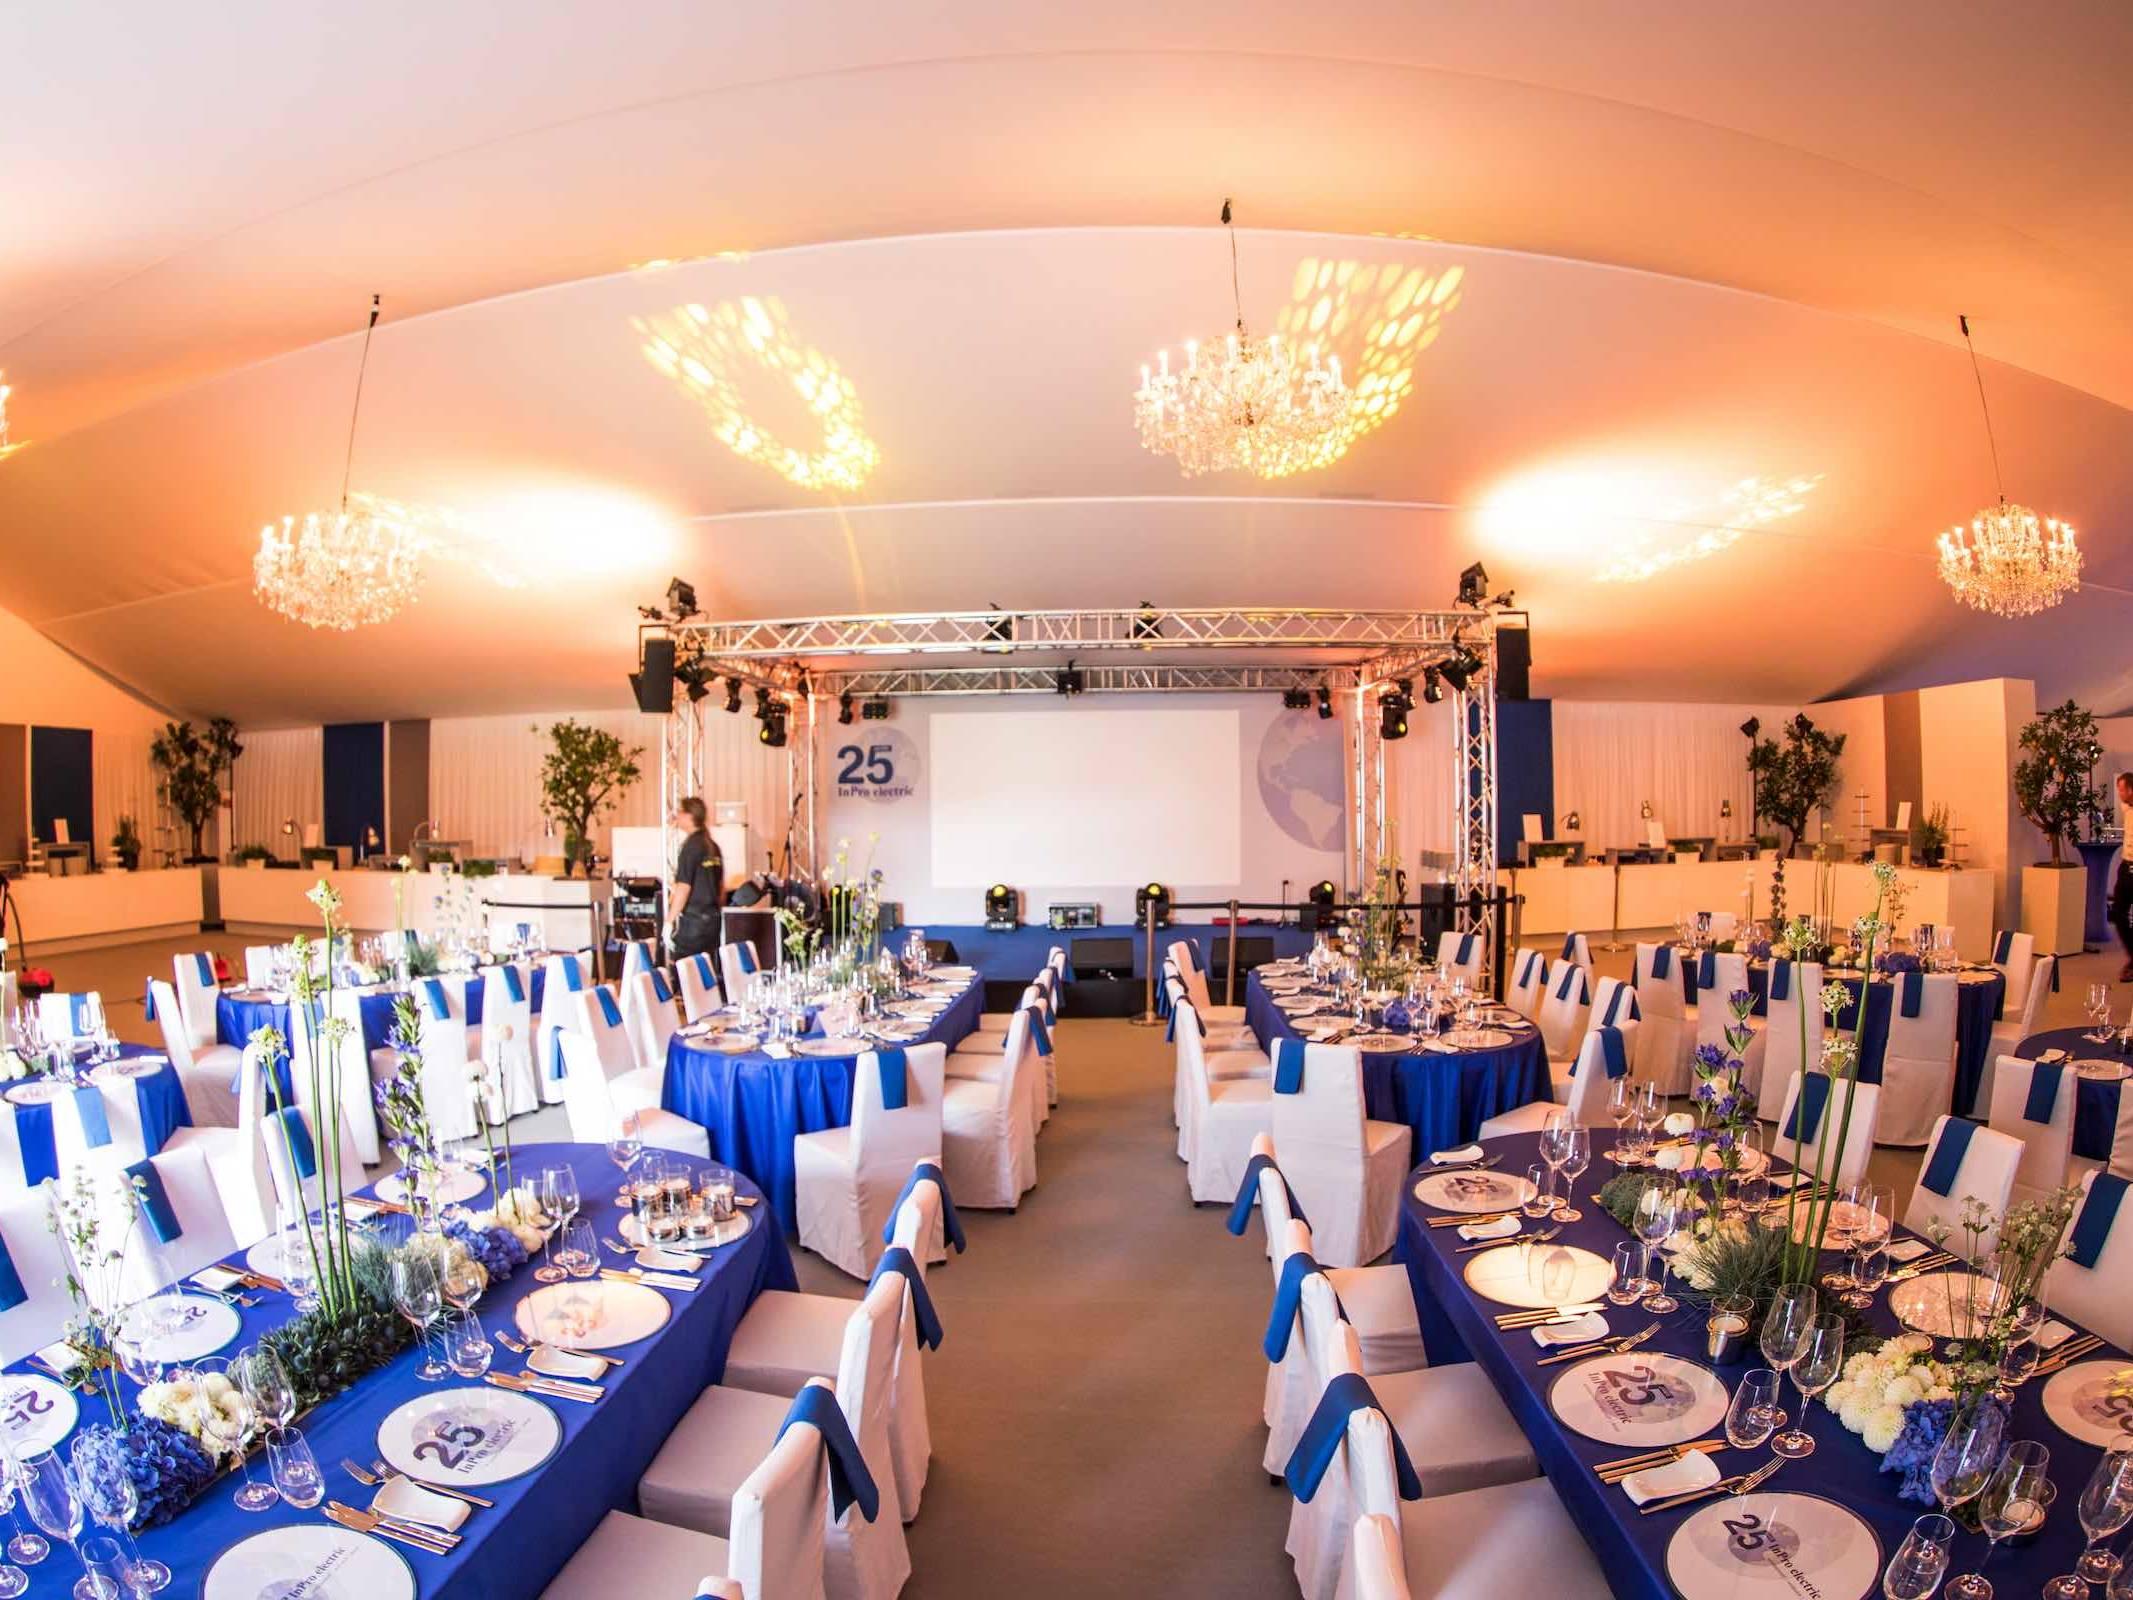 Eventplaner | Hamburg | Eventaustattung | Dekoration | Lichttechnik | Tontechnik | Bühne | Gala | Jubiläum | Kongress | Firmenfeier | Betriebsfeier | Planung | Mieten | Buchen | Anfragen | Hamburgfeiert